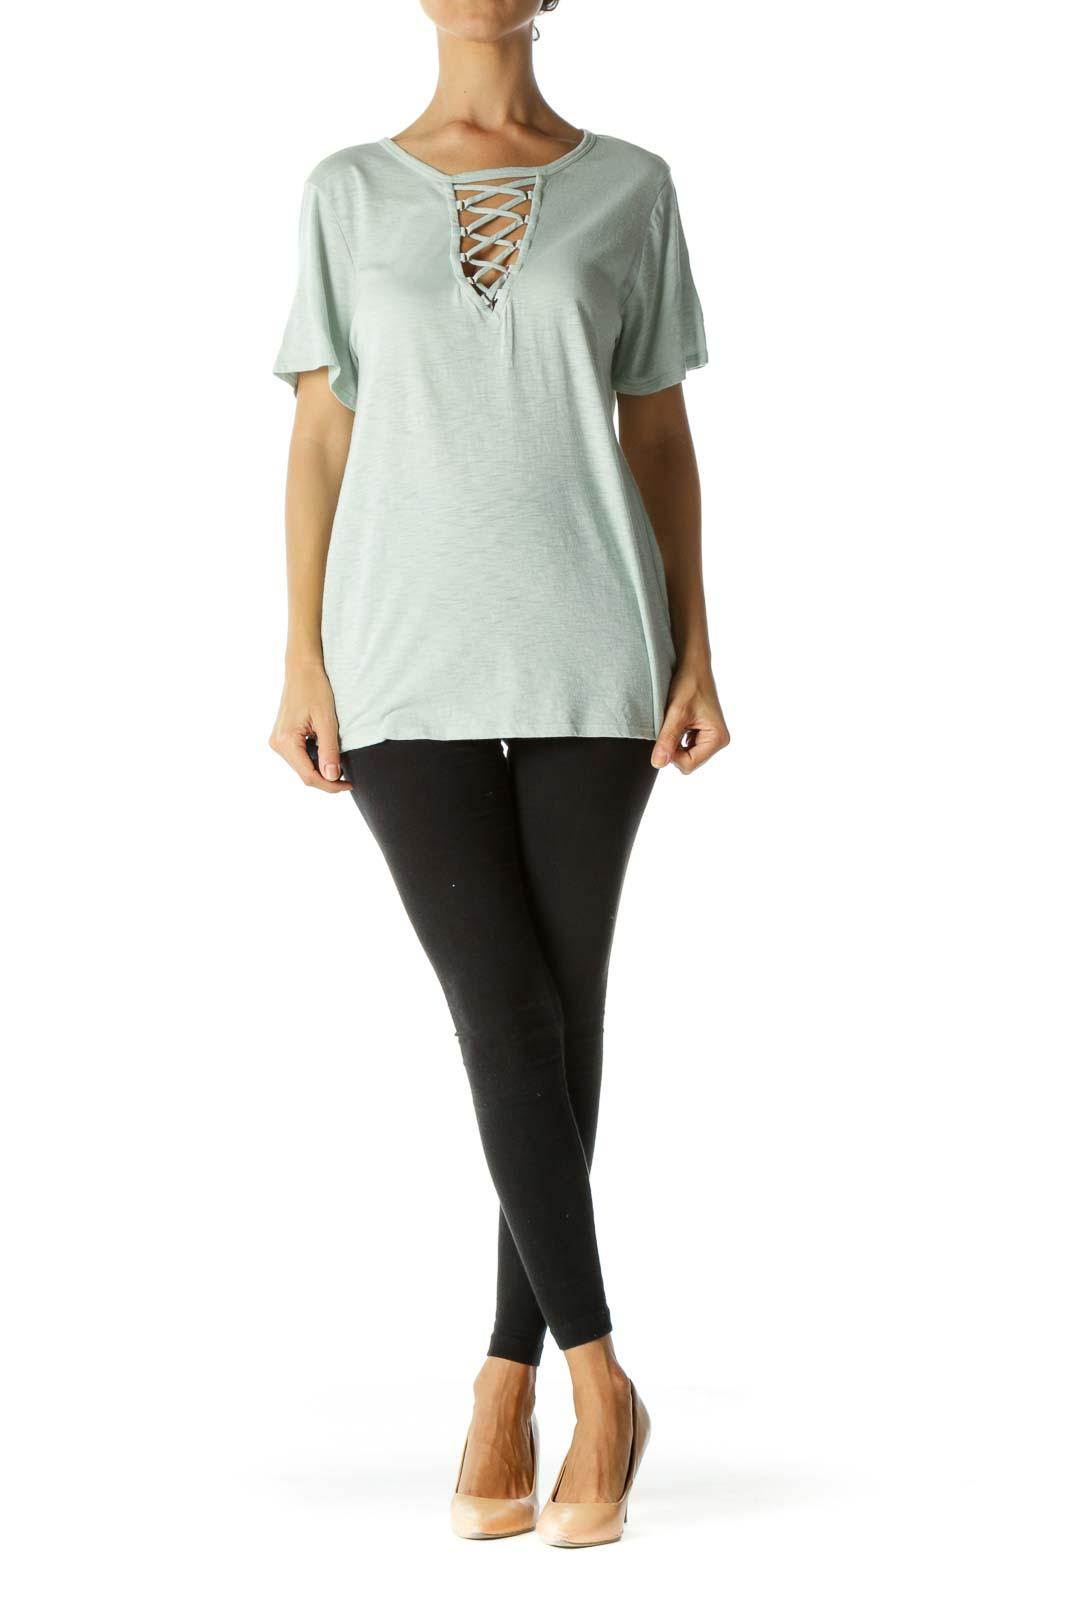 Light Mint Green Cotton Blend Crisscross Stretch T-Shirt